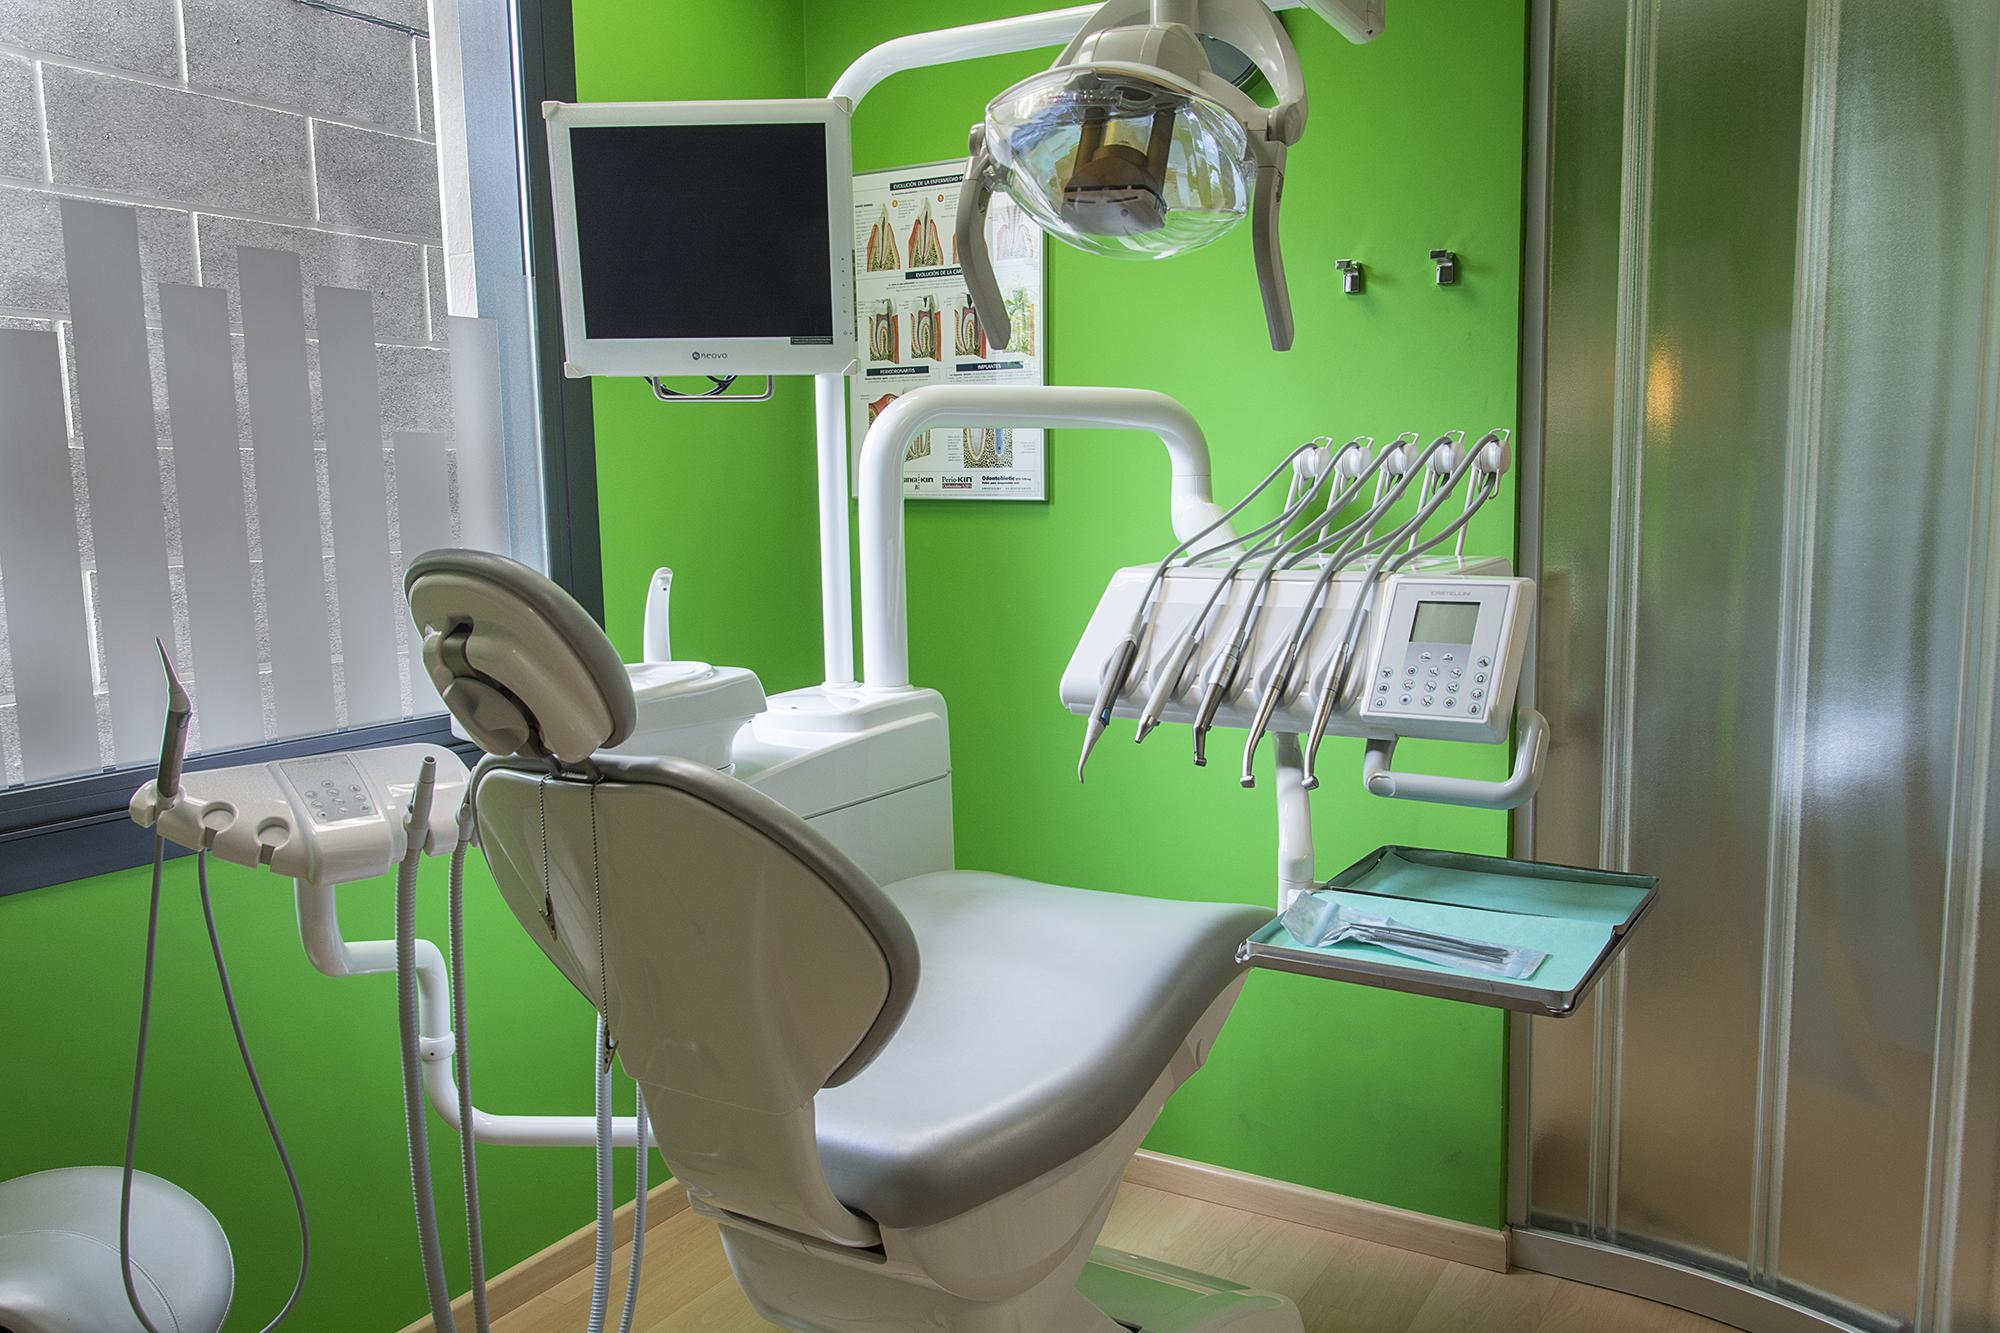 clinica-pazos-masso-sillon